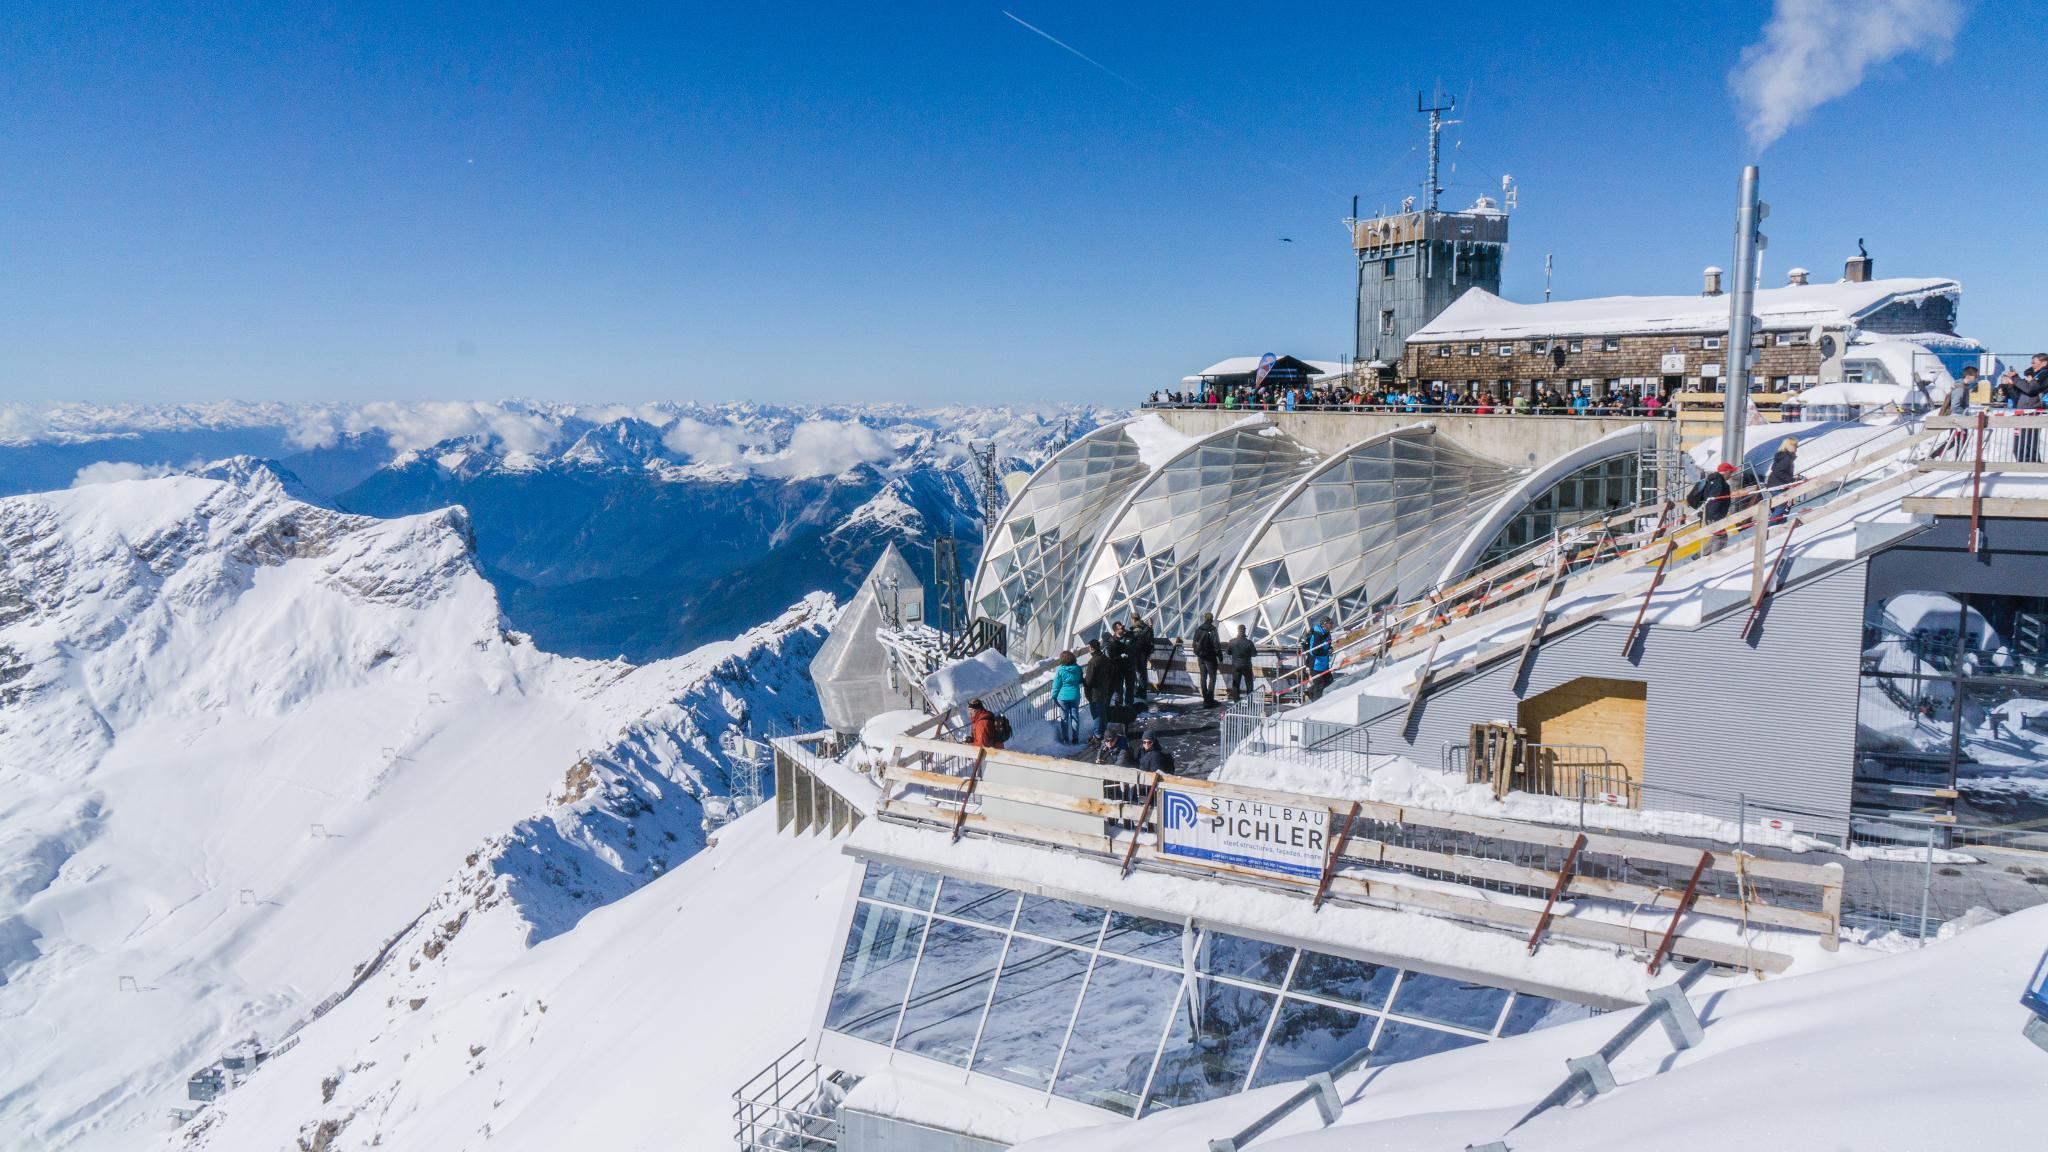 【德國】阿爾卑斯大道:楚格峰 (Zugspitze) 登上德國之巔 43